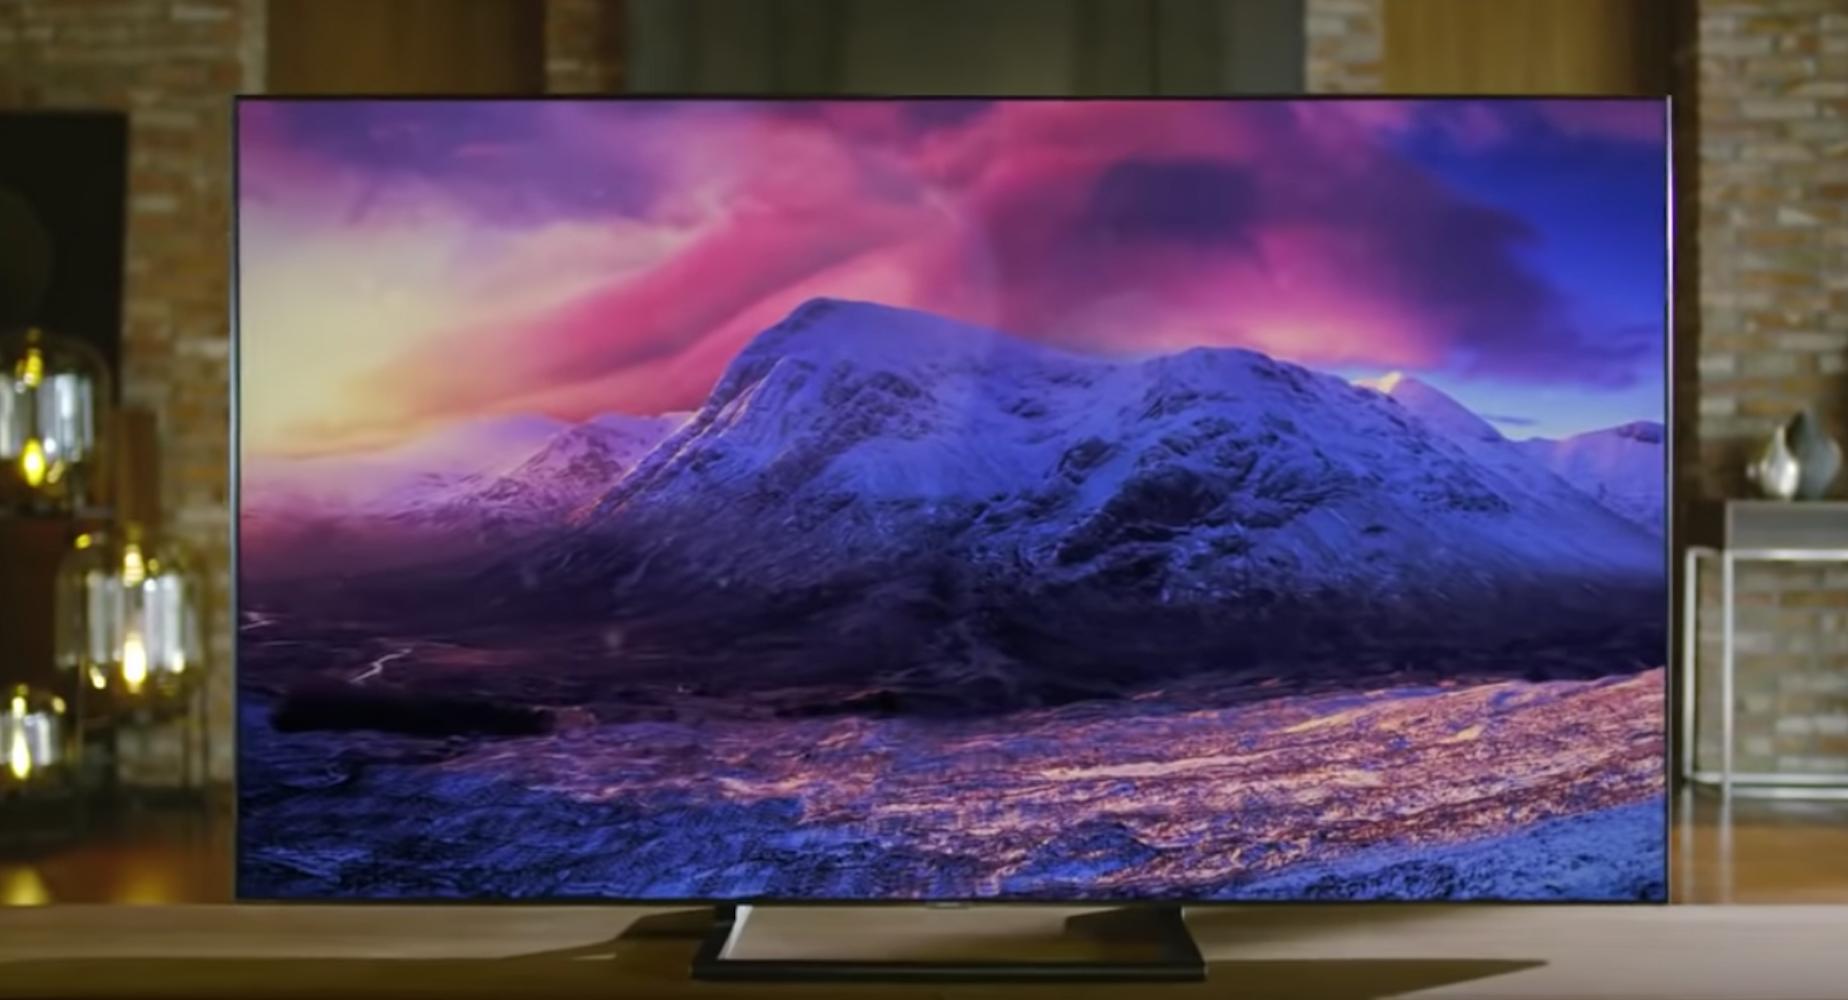 4K Smart TV display